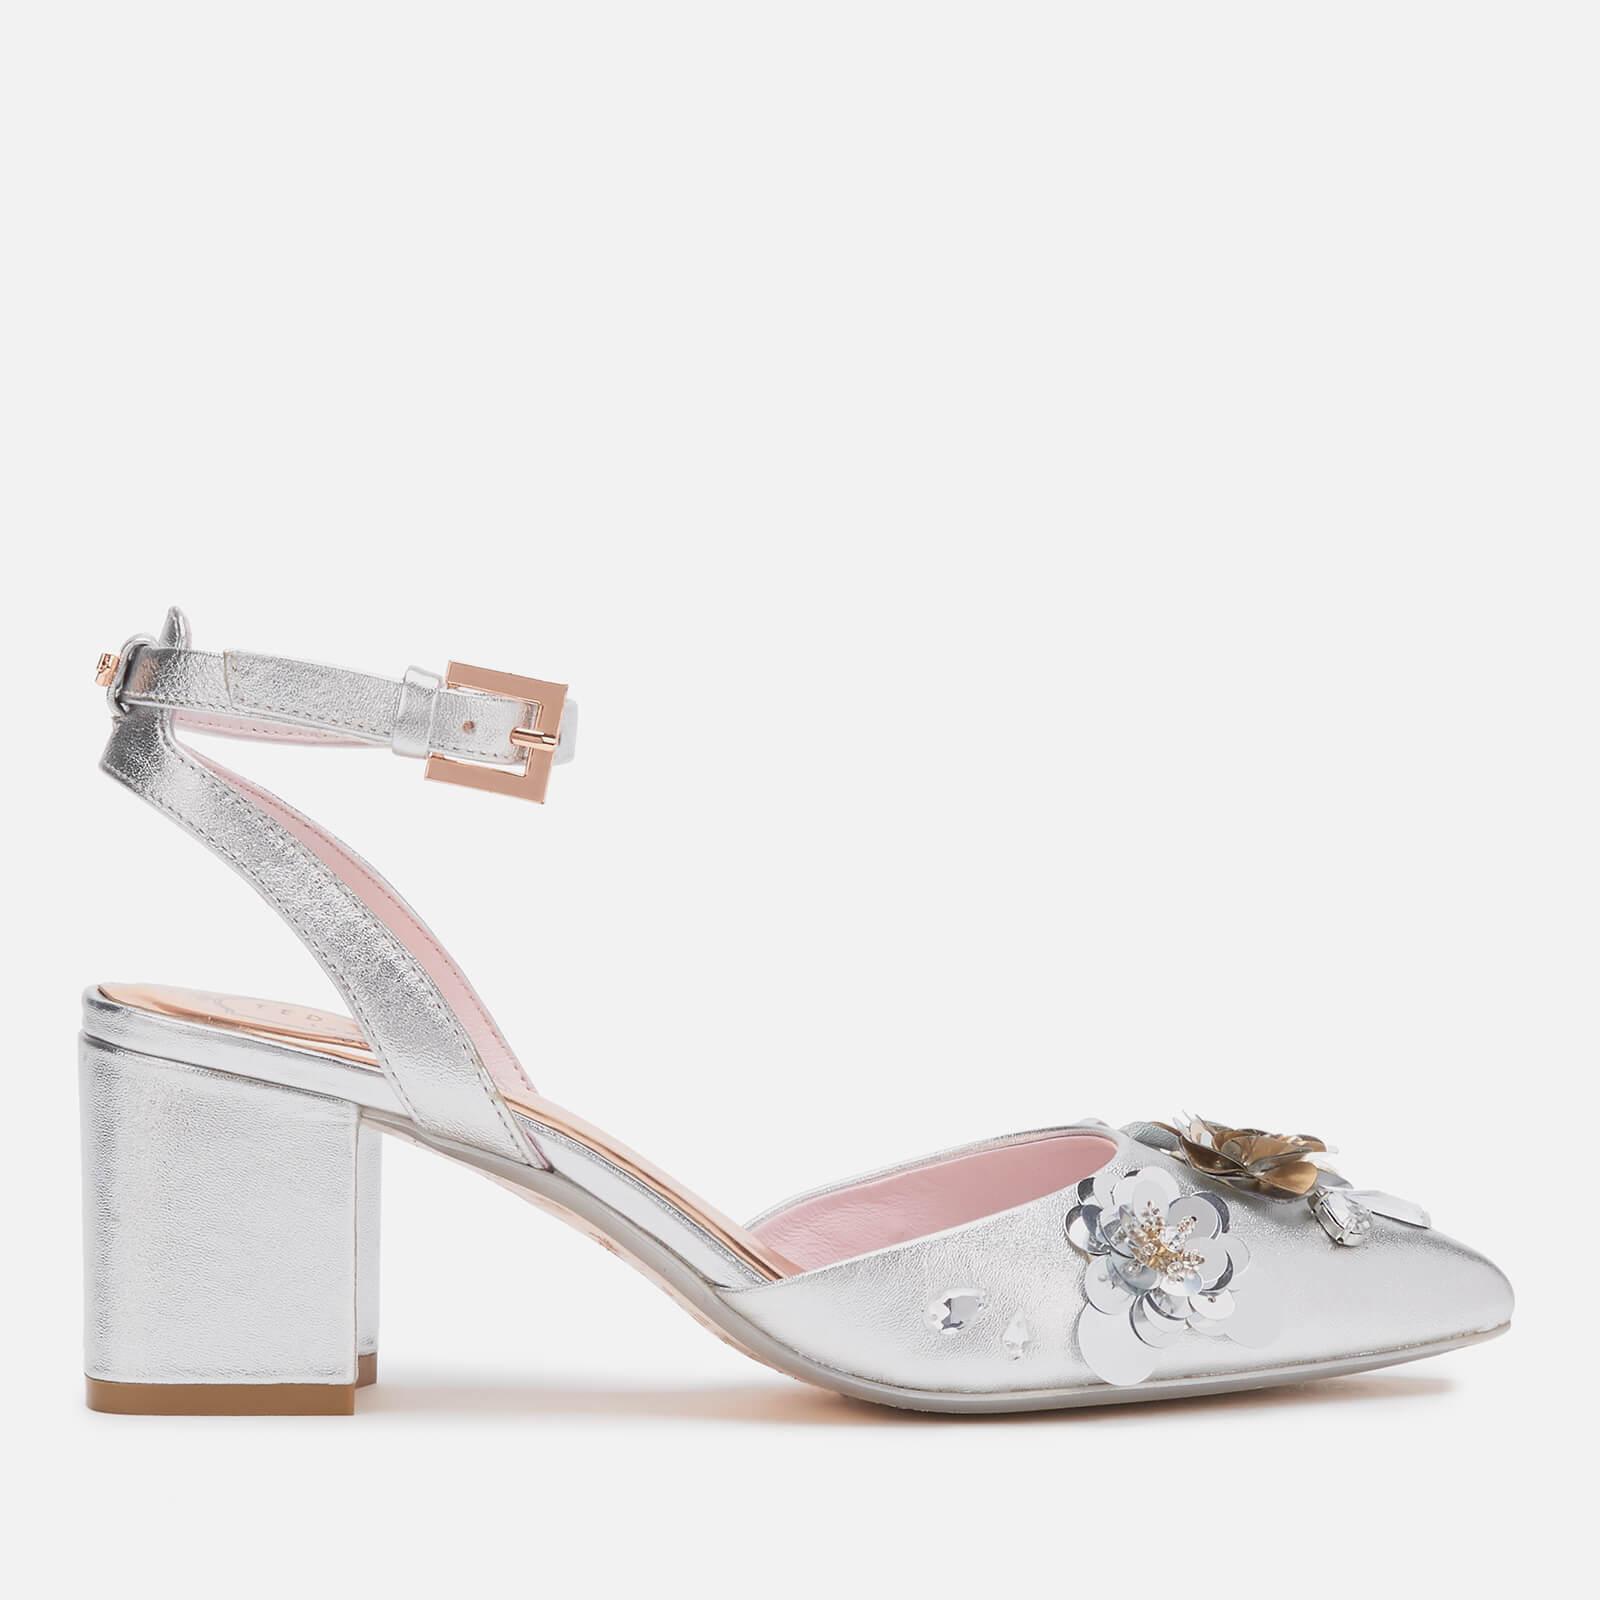 Ted Baker Women's Odesca Floral Embellished Block Heeled Sandals - Silver - UK 6